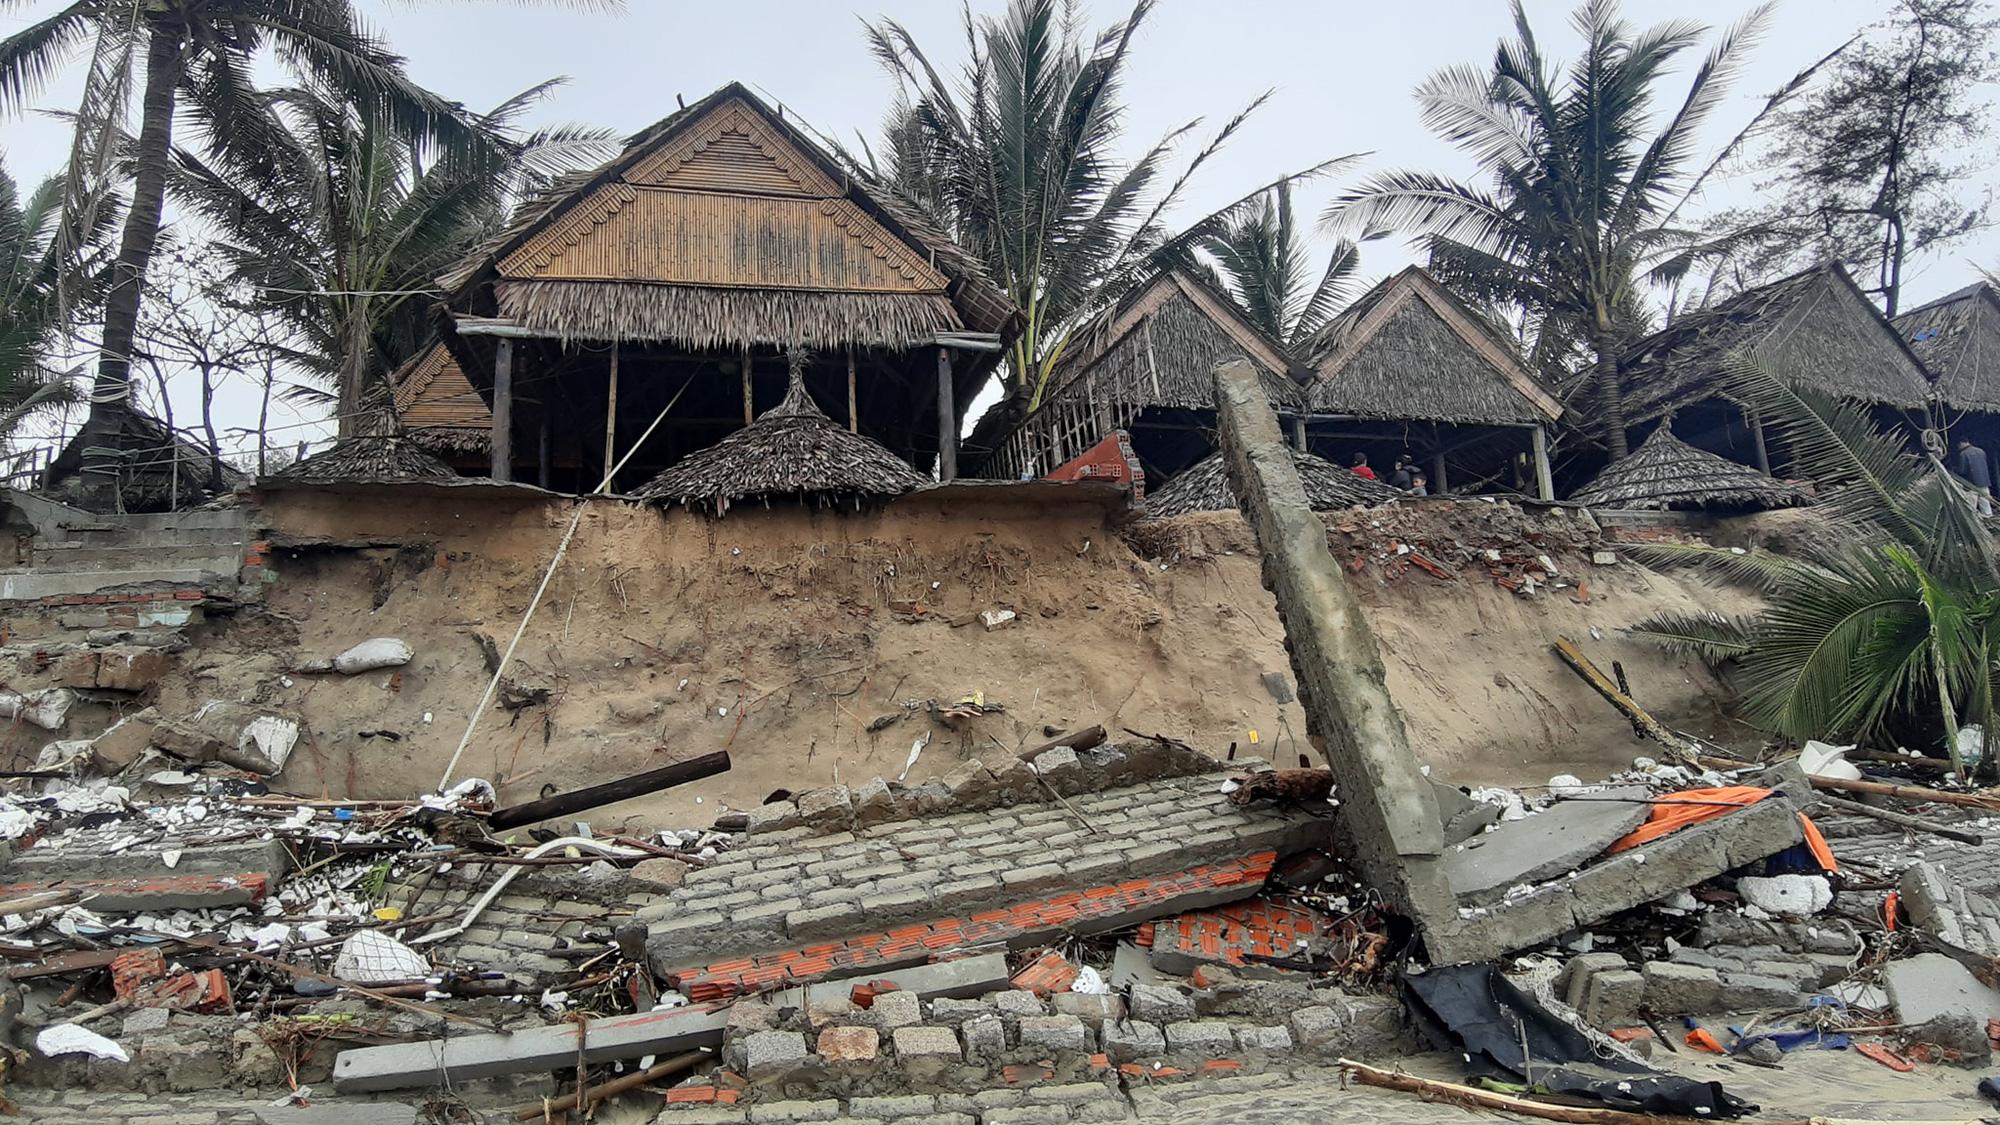 Ảnh hưởng bão số 13: Hàng chục nhà hàng ven biển An Bàng, Hội An bị đánh sập  - Ảnh 4.